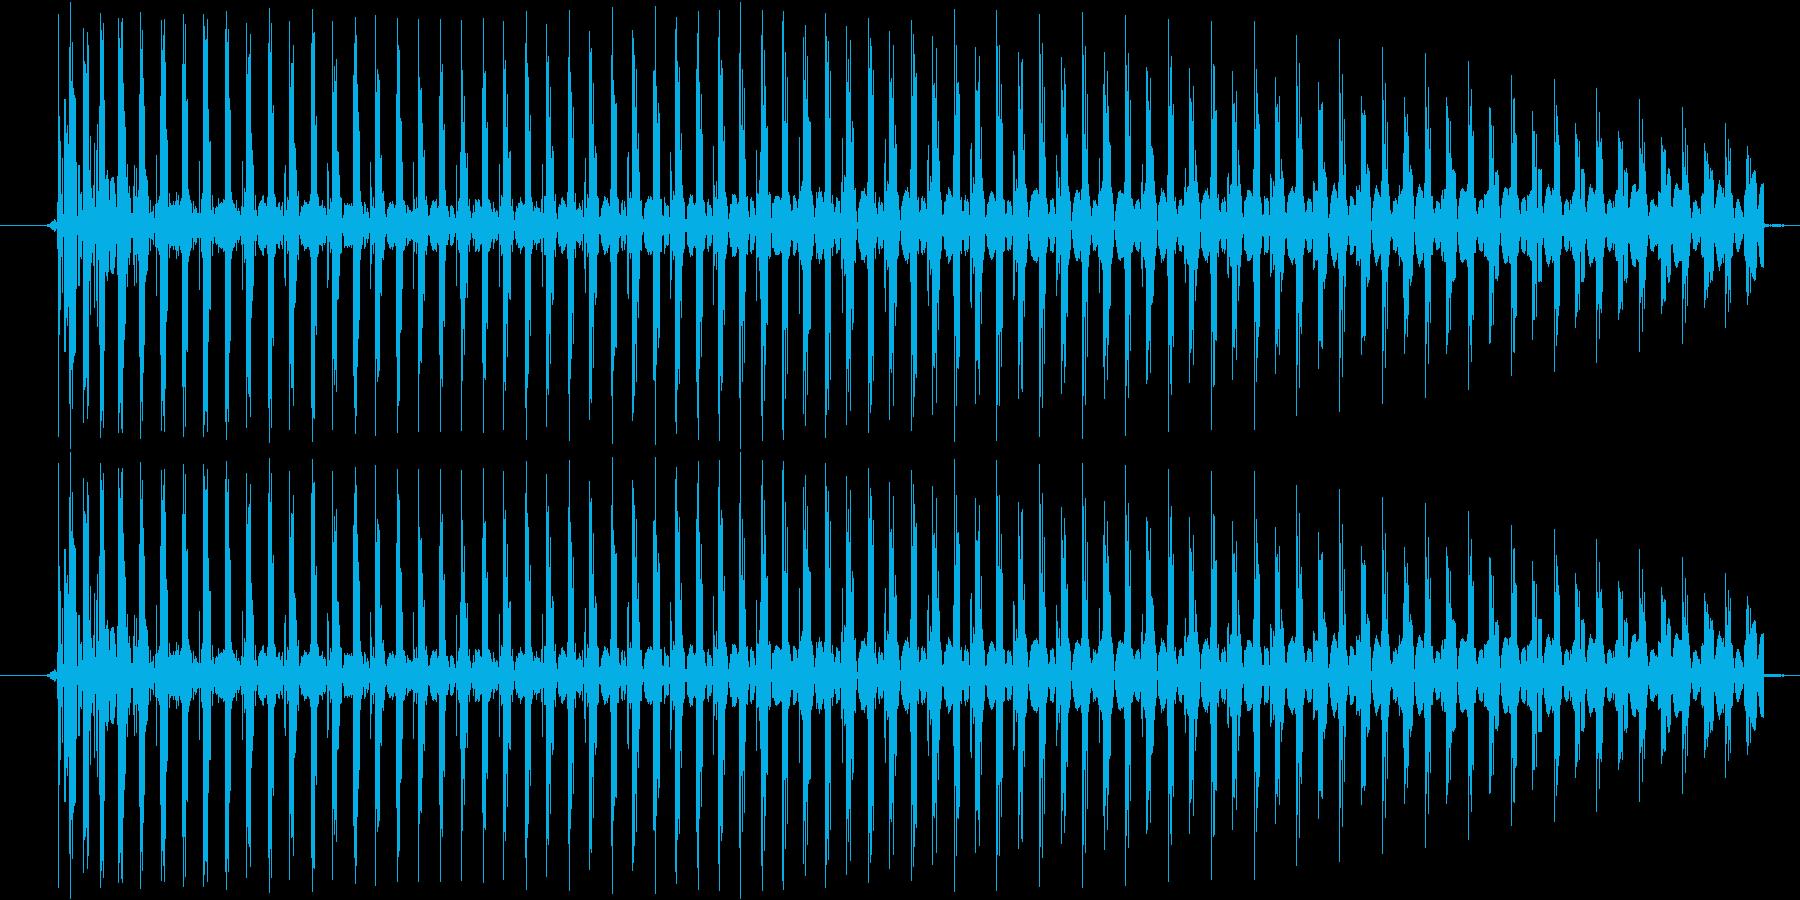 【効果音/電子音/バイーン】の再生済みの波形